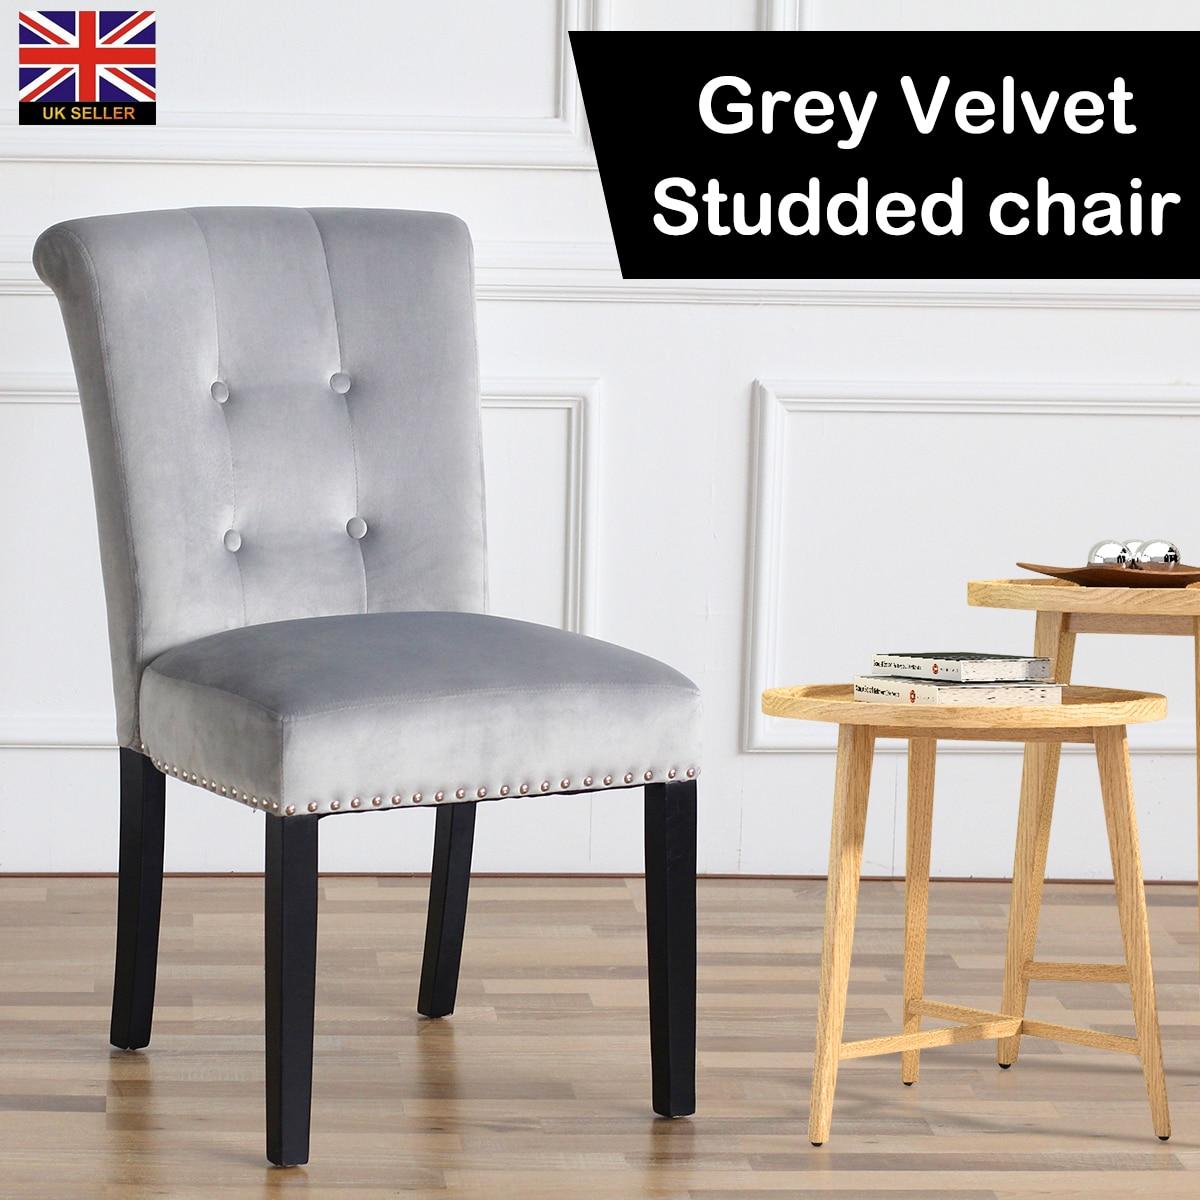 Luxe gris velours chaise moderne salle à manger chaise meubles maison commode mariage fête dîner chaises 86cm x 50cm x 48cm